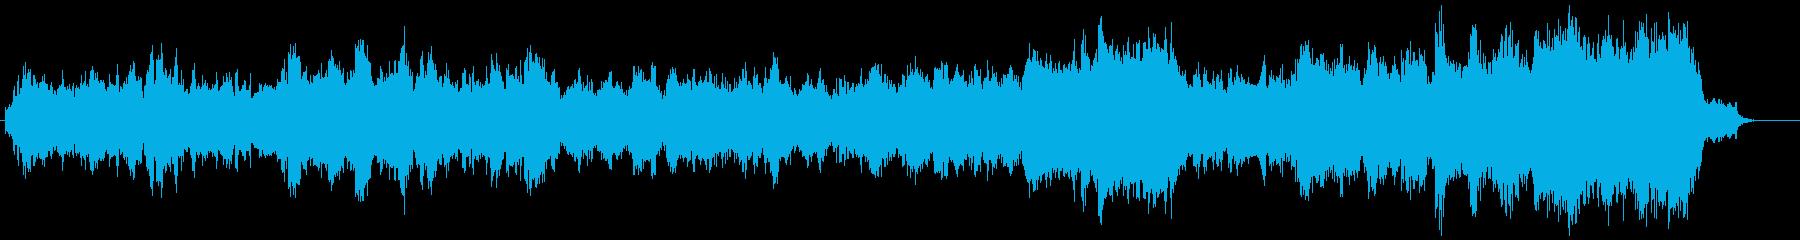 重厚なエピック系BGM。映画やゲームに!の再生済みの波形